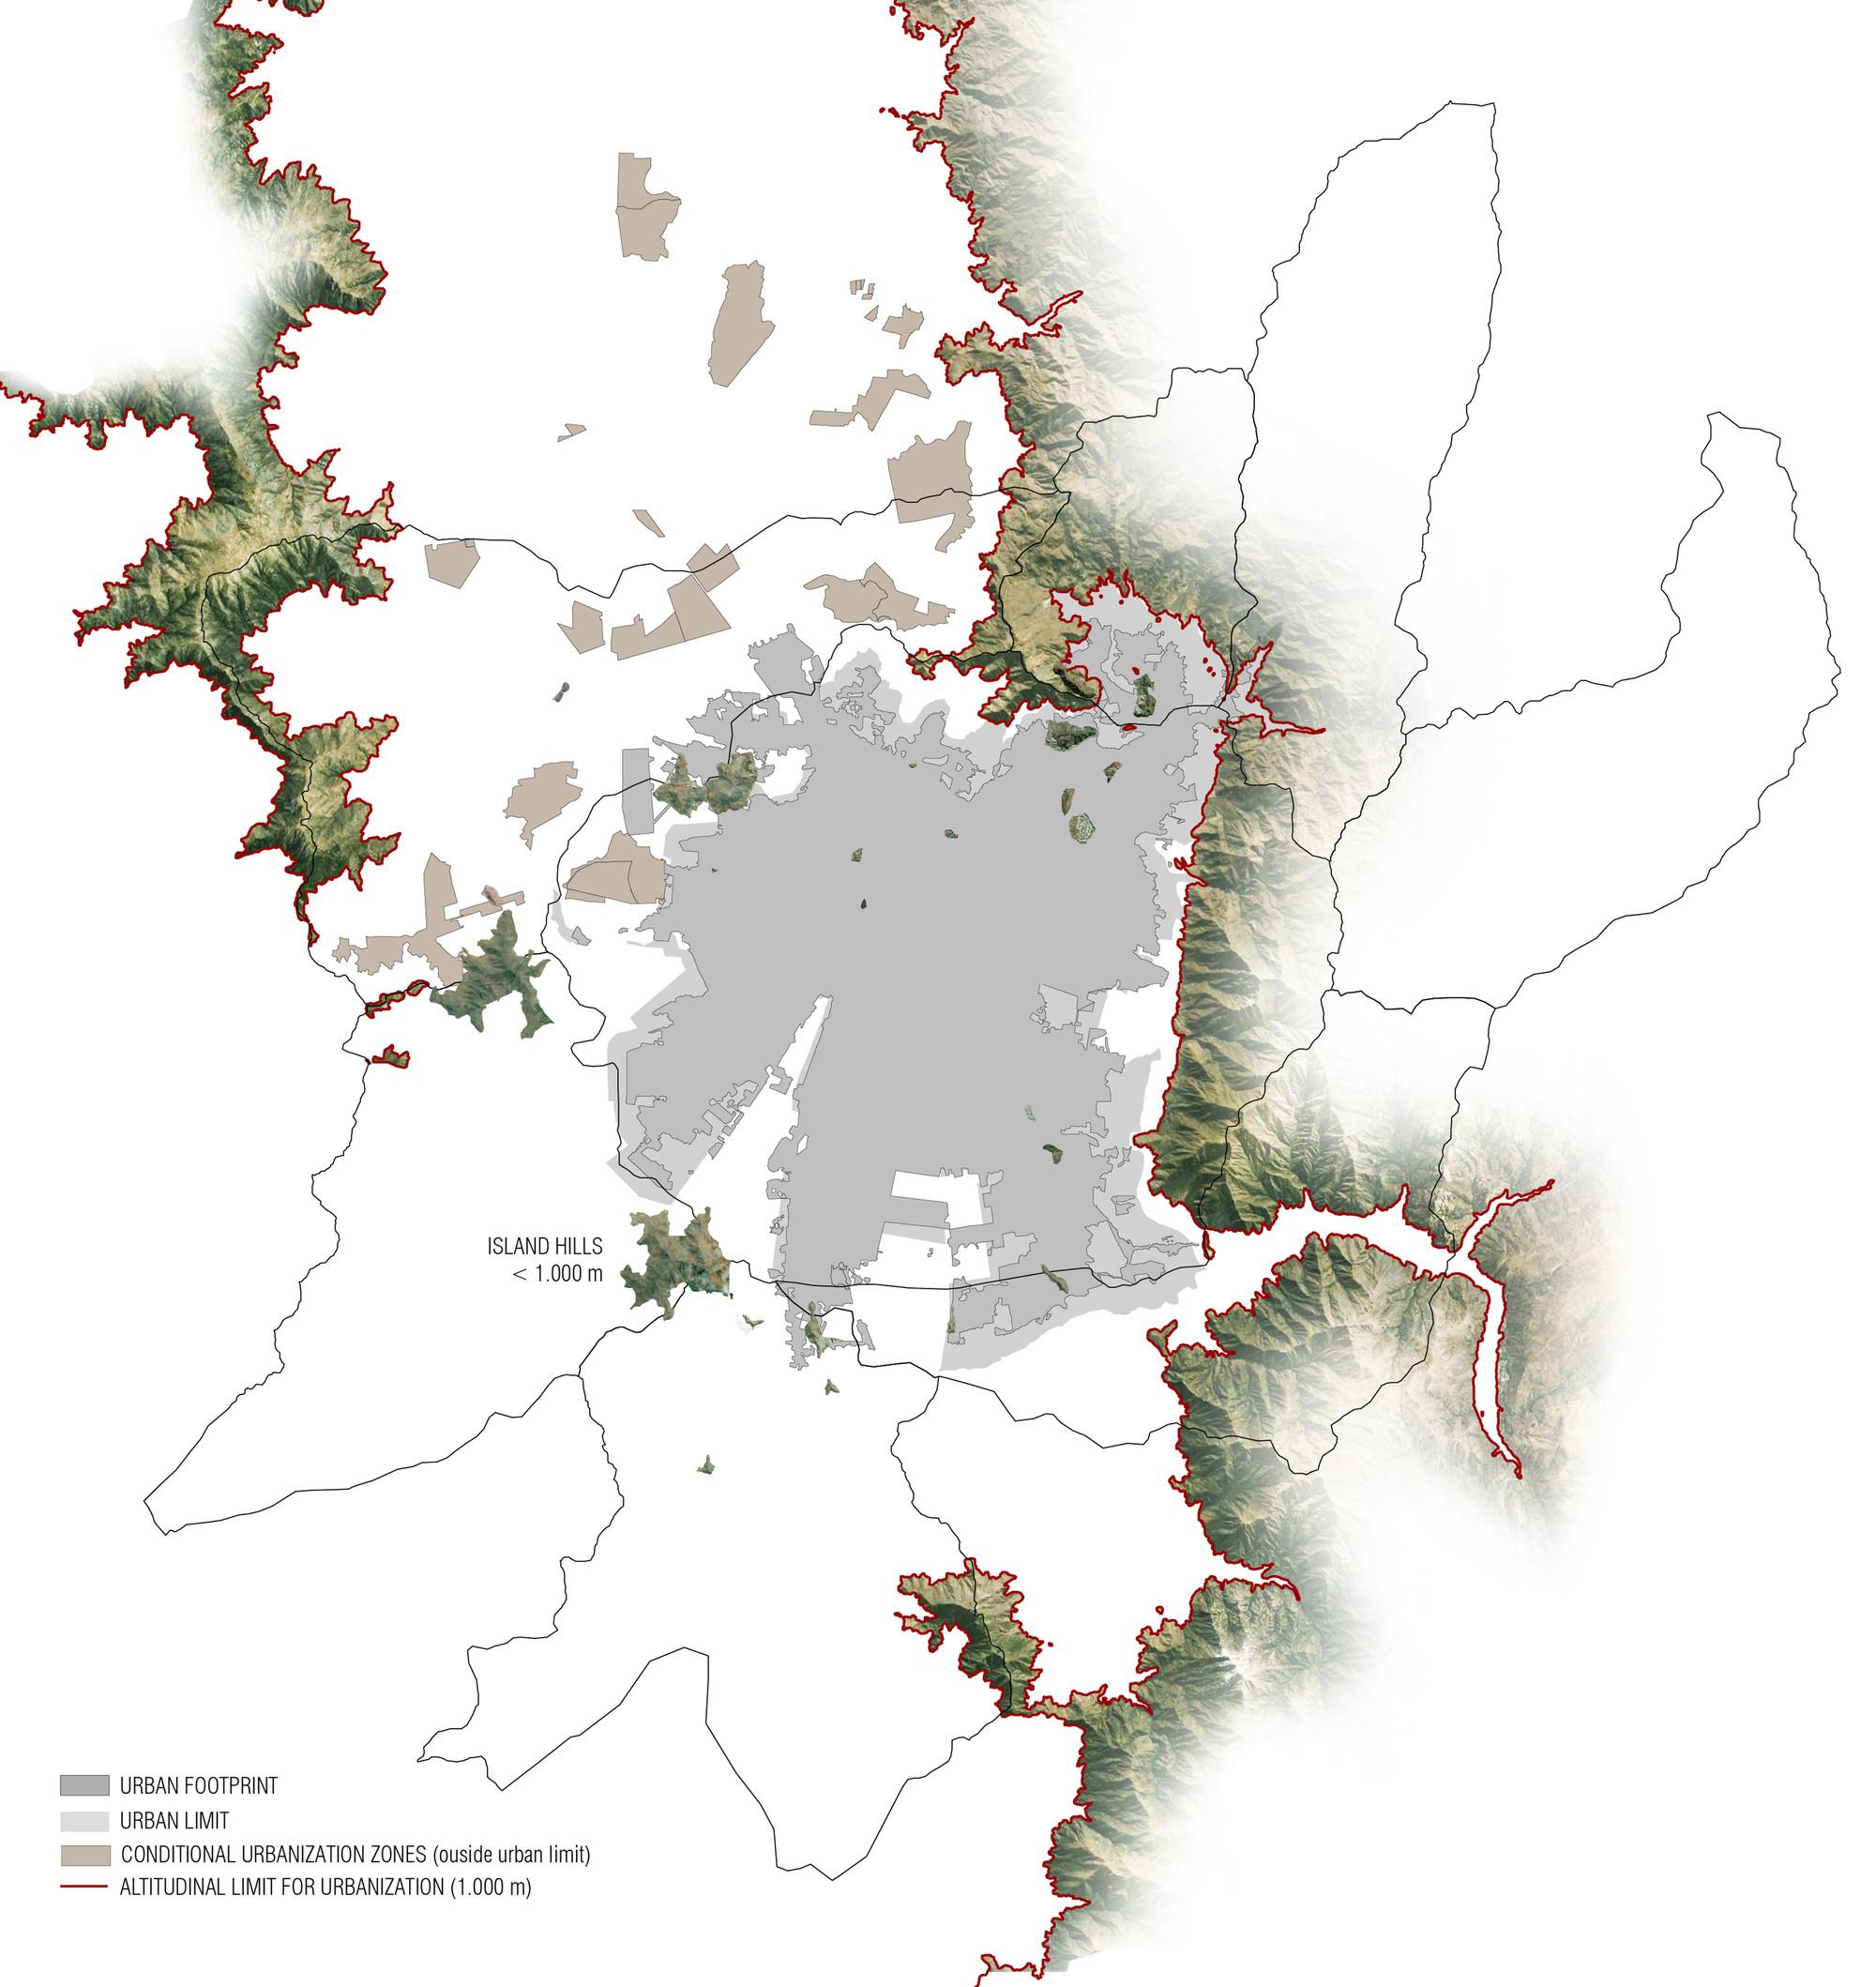 Arquitectos chilenos en Harvard logran poner a Santiago entre 100 ciudades resilientes, Cortesia de Harvard Graduate School of Design